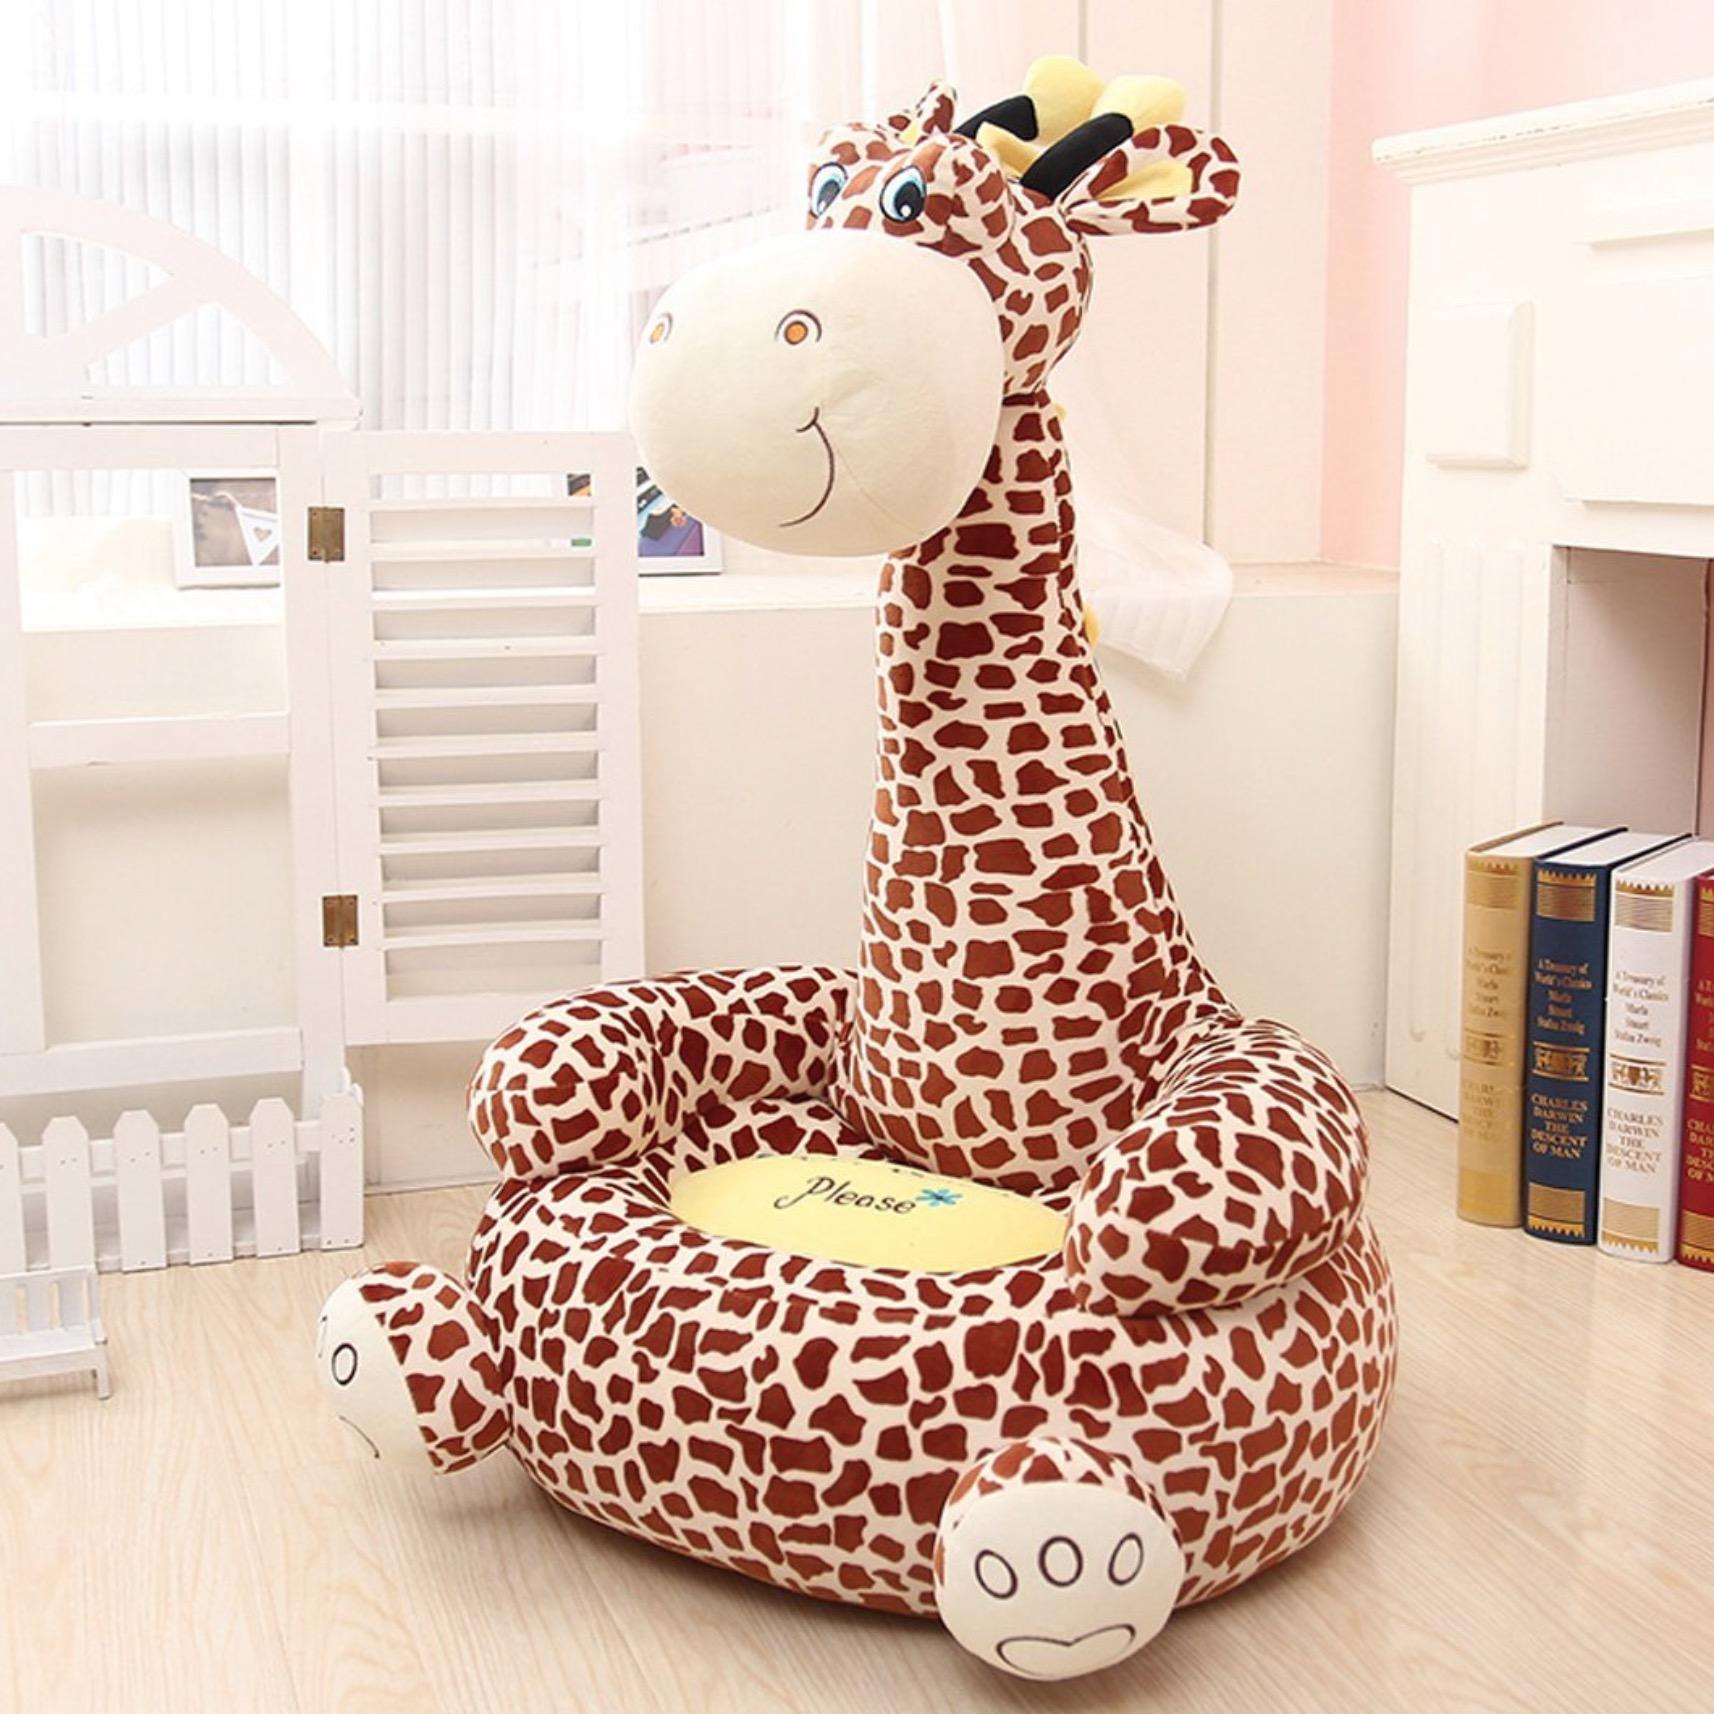 Plush Animal Bean Bag Chair For Children Giraffe Monkey